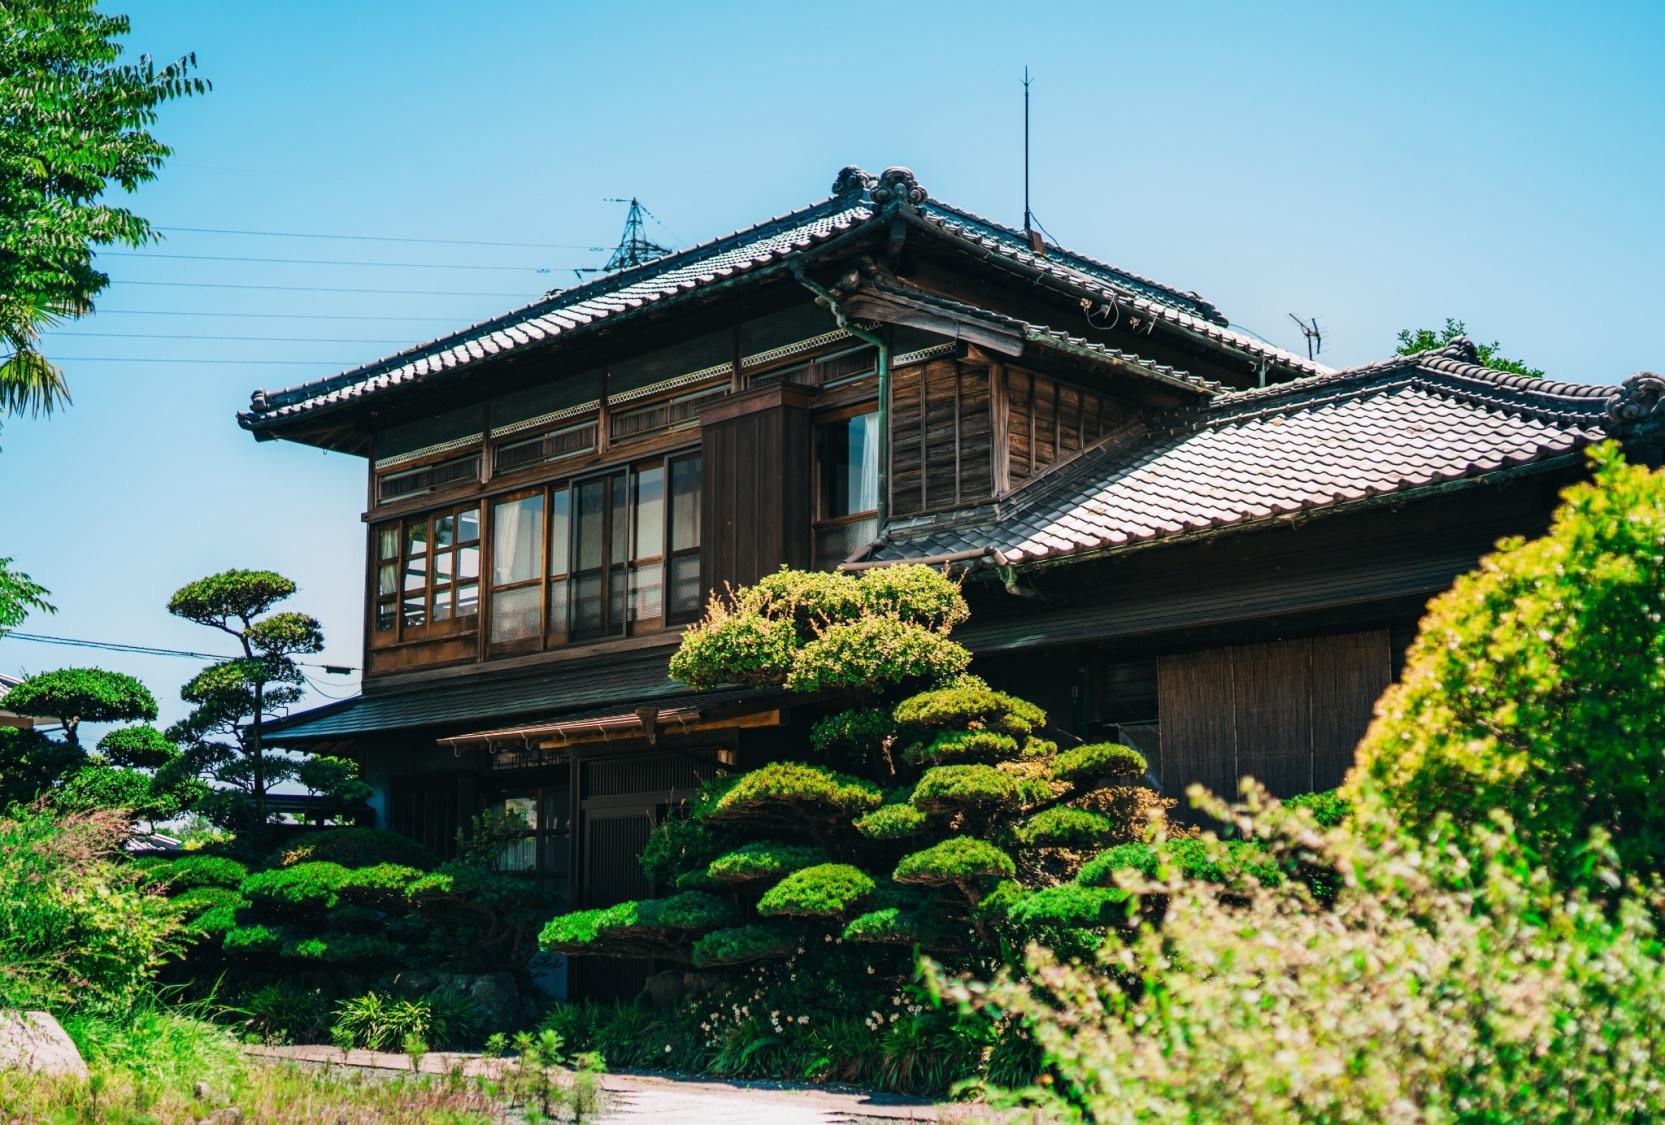 築100年超の総檜伝統的日本建築ゲストハウス「花鳥苑」【Vacation STAY提供】の施設画像